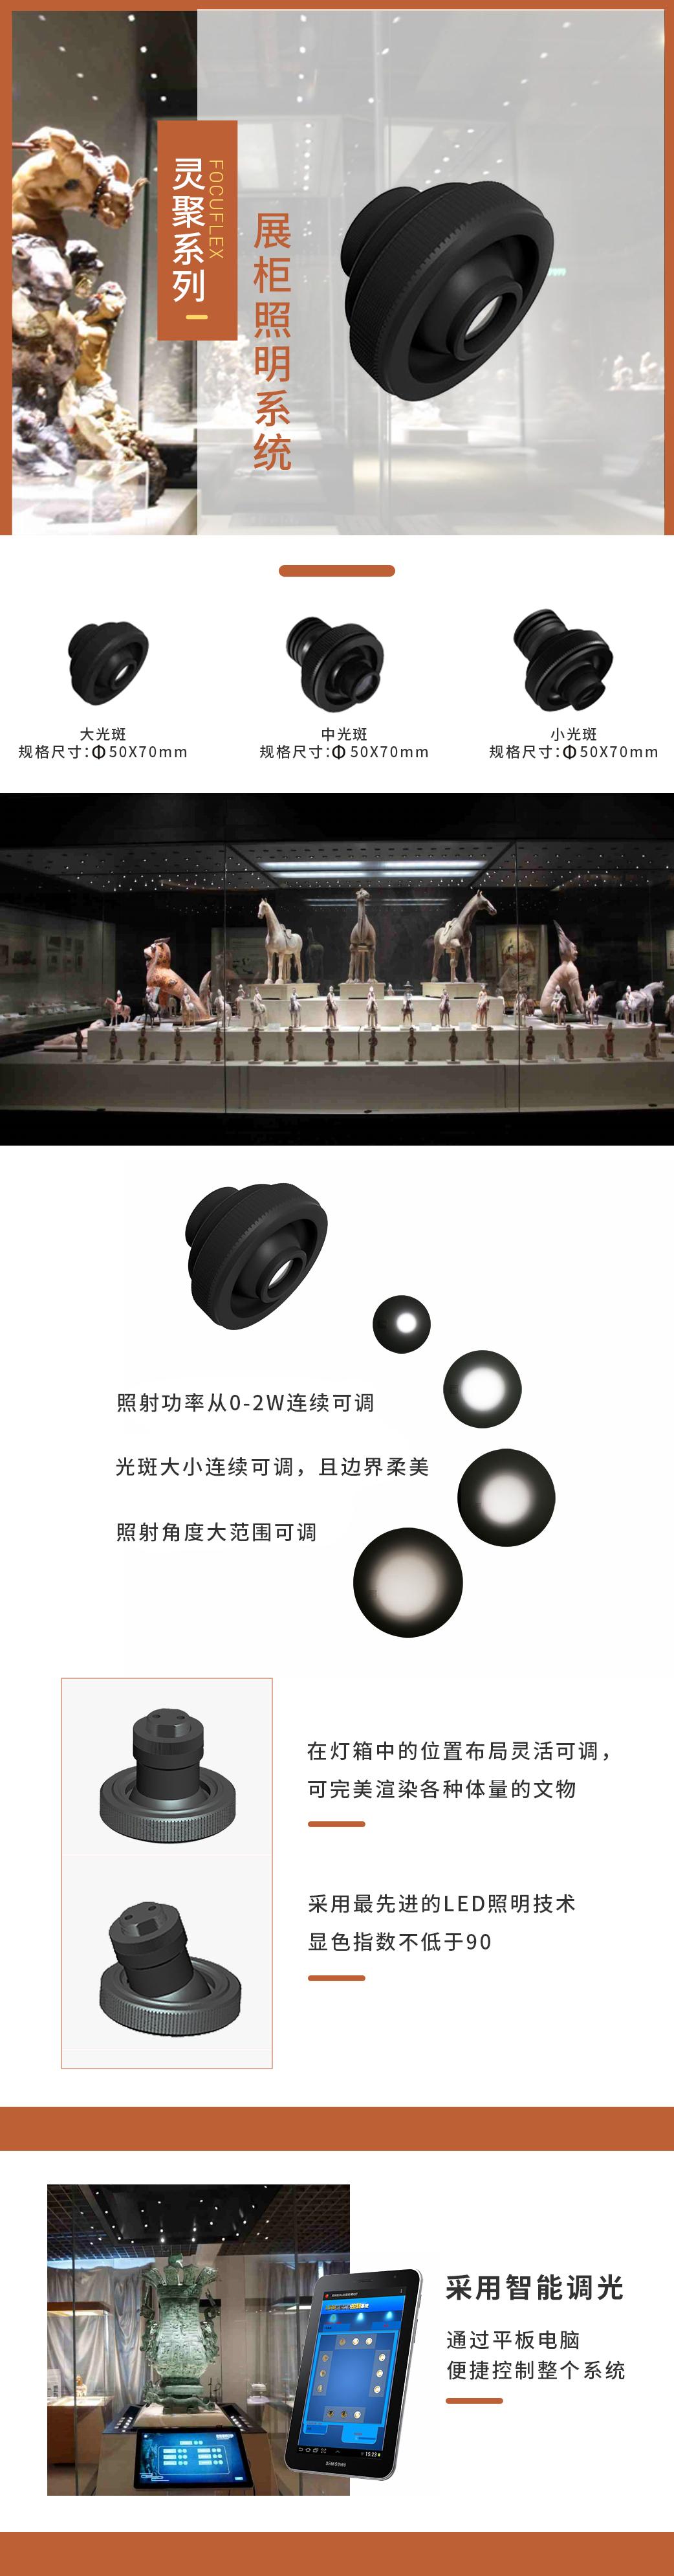 灵聚系列展柜照明系统.jpg